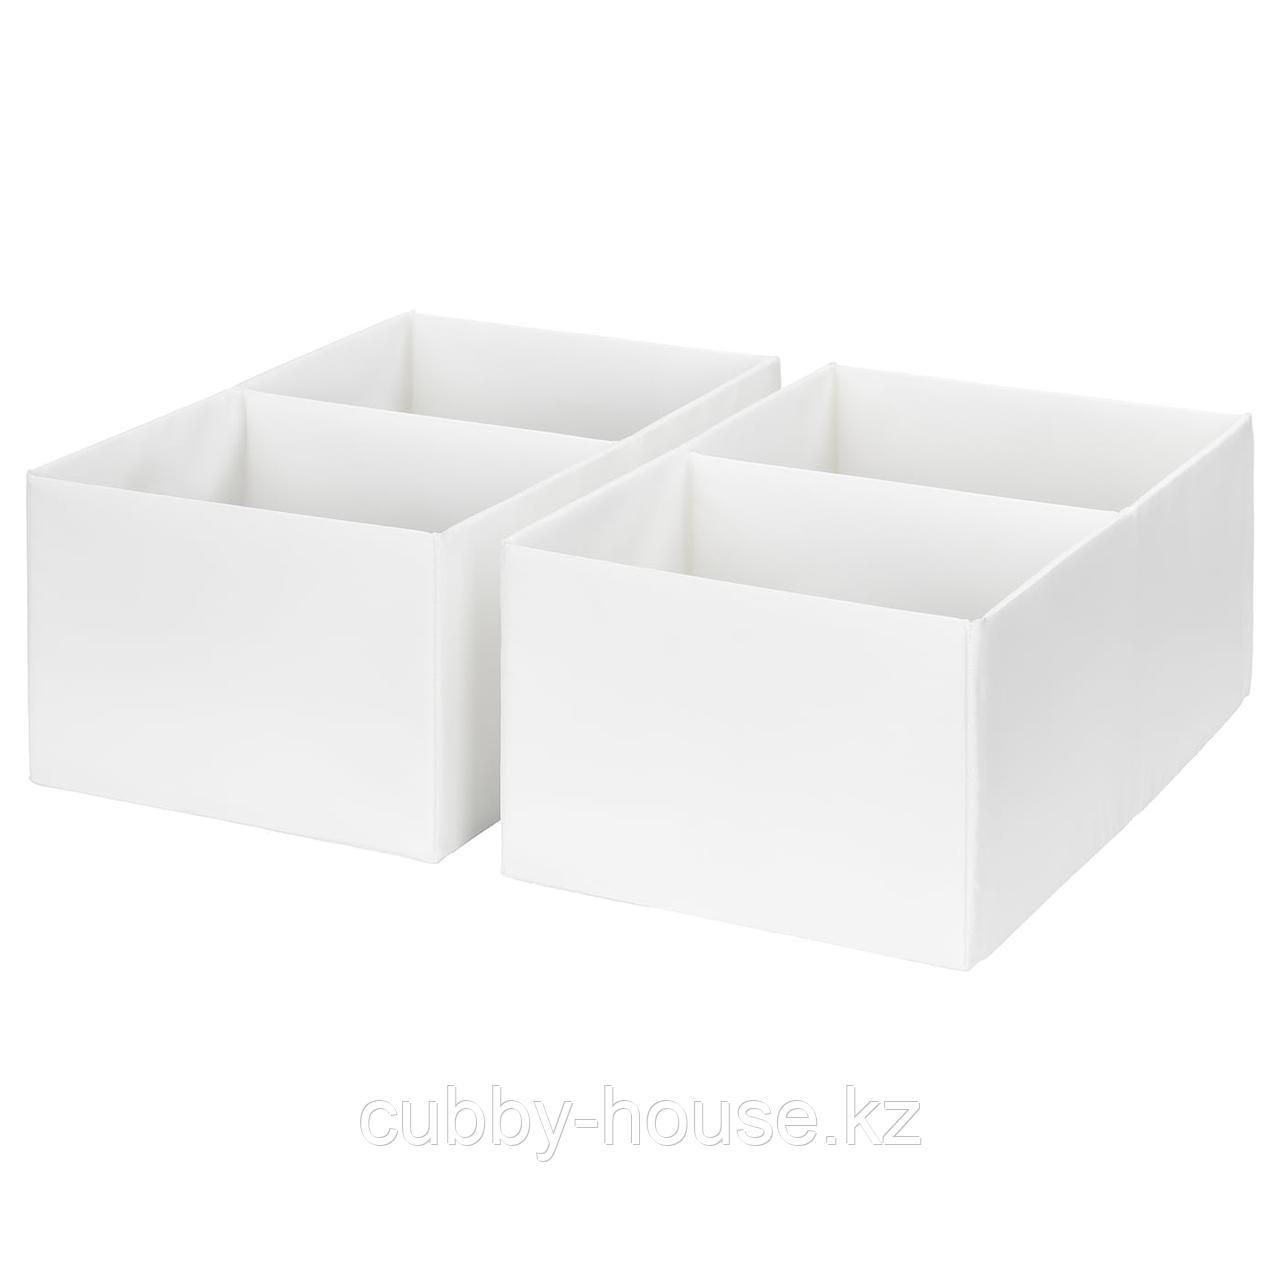 РАССЛА Ящик с отделениями, белый, 25x41x16 см